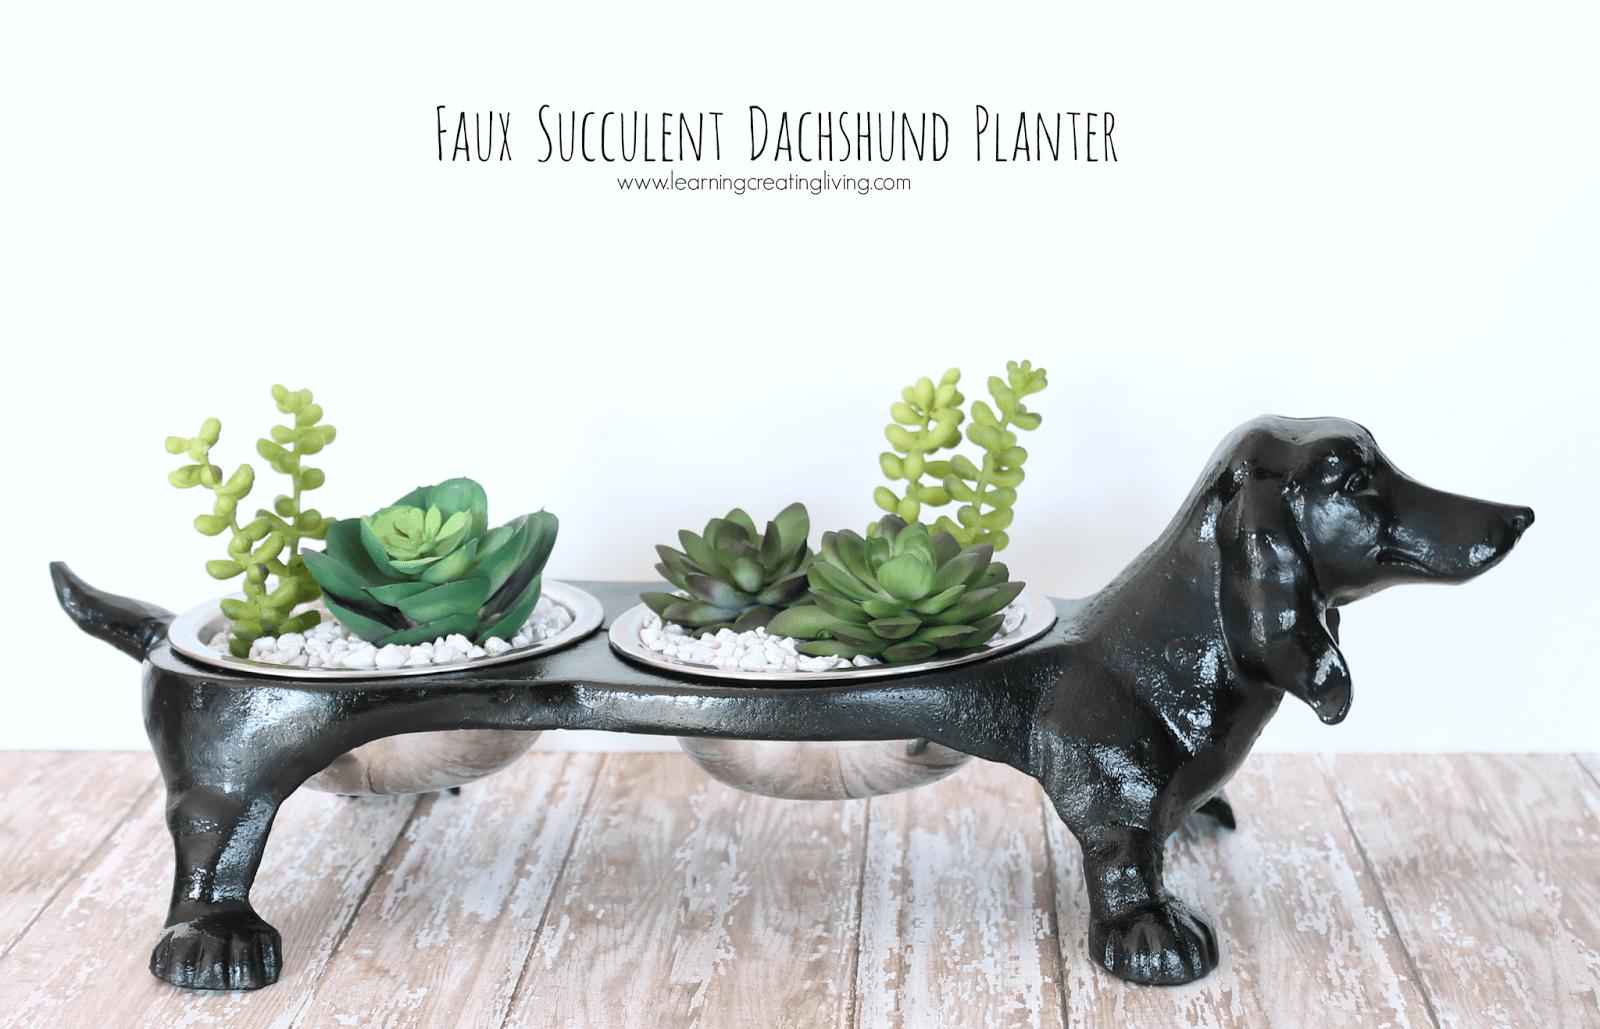 dachshund planter2